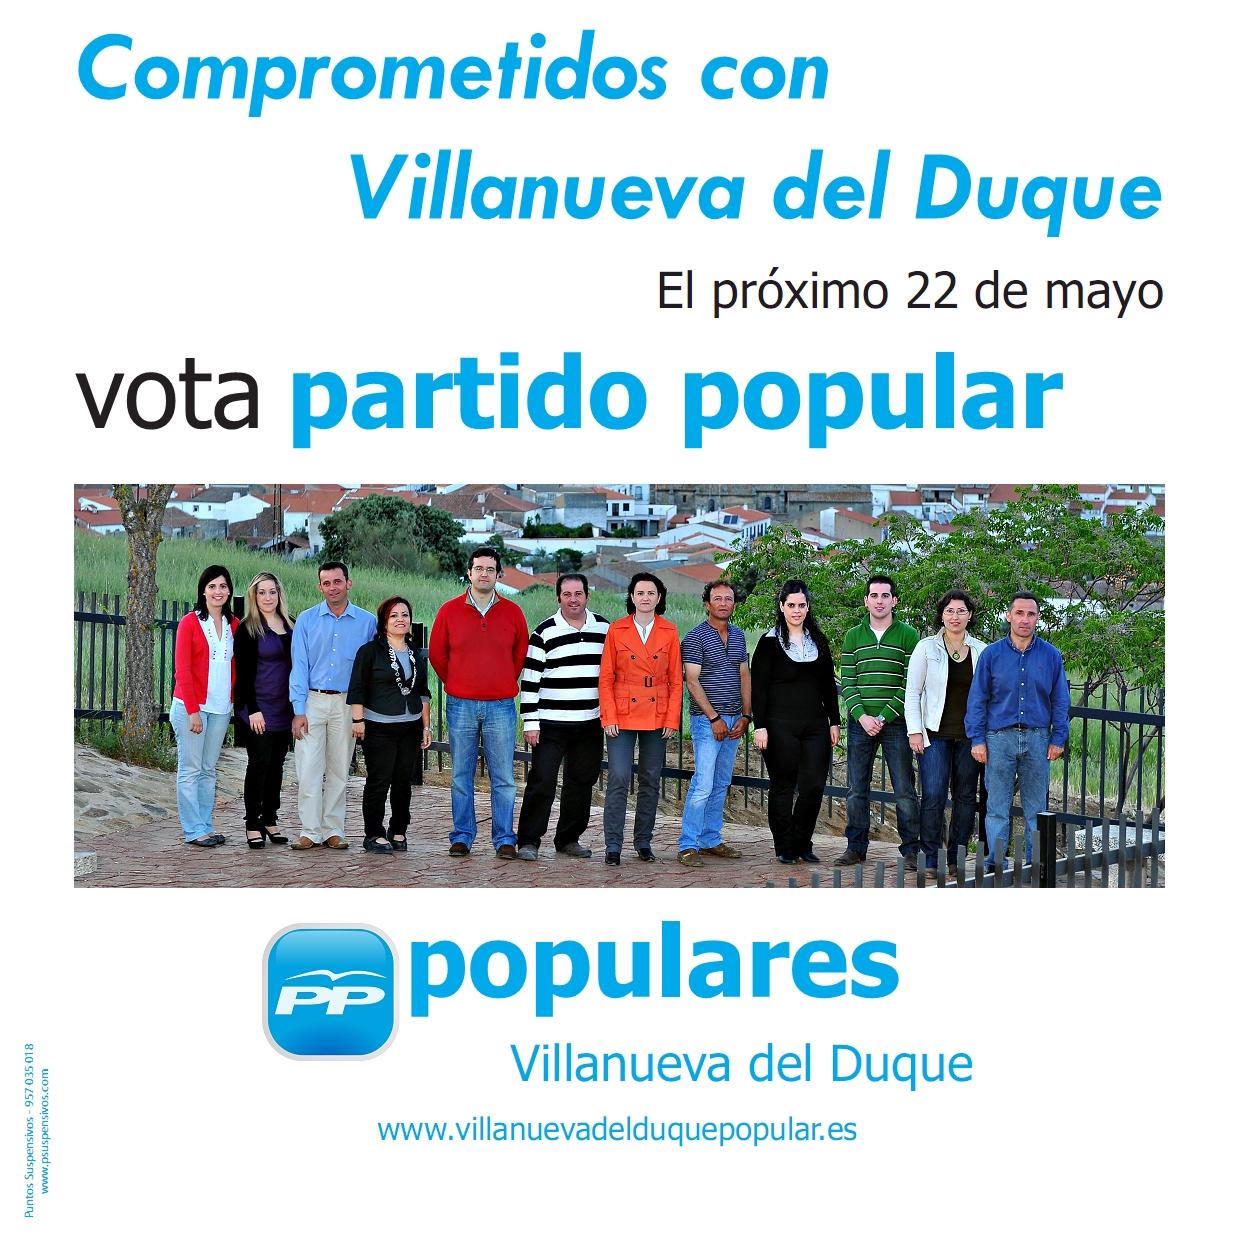 Nuevas tecnolog as villanueva del duque popular for Villanueva del duque